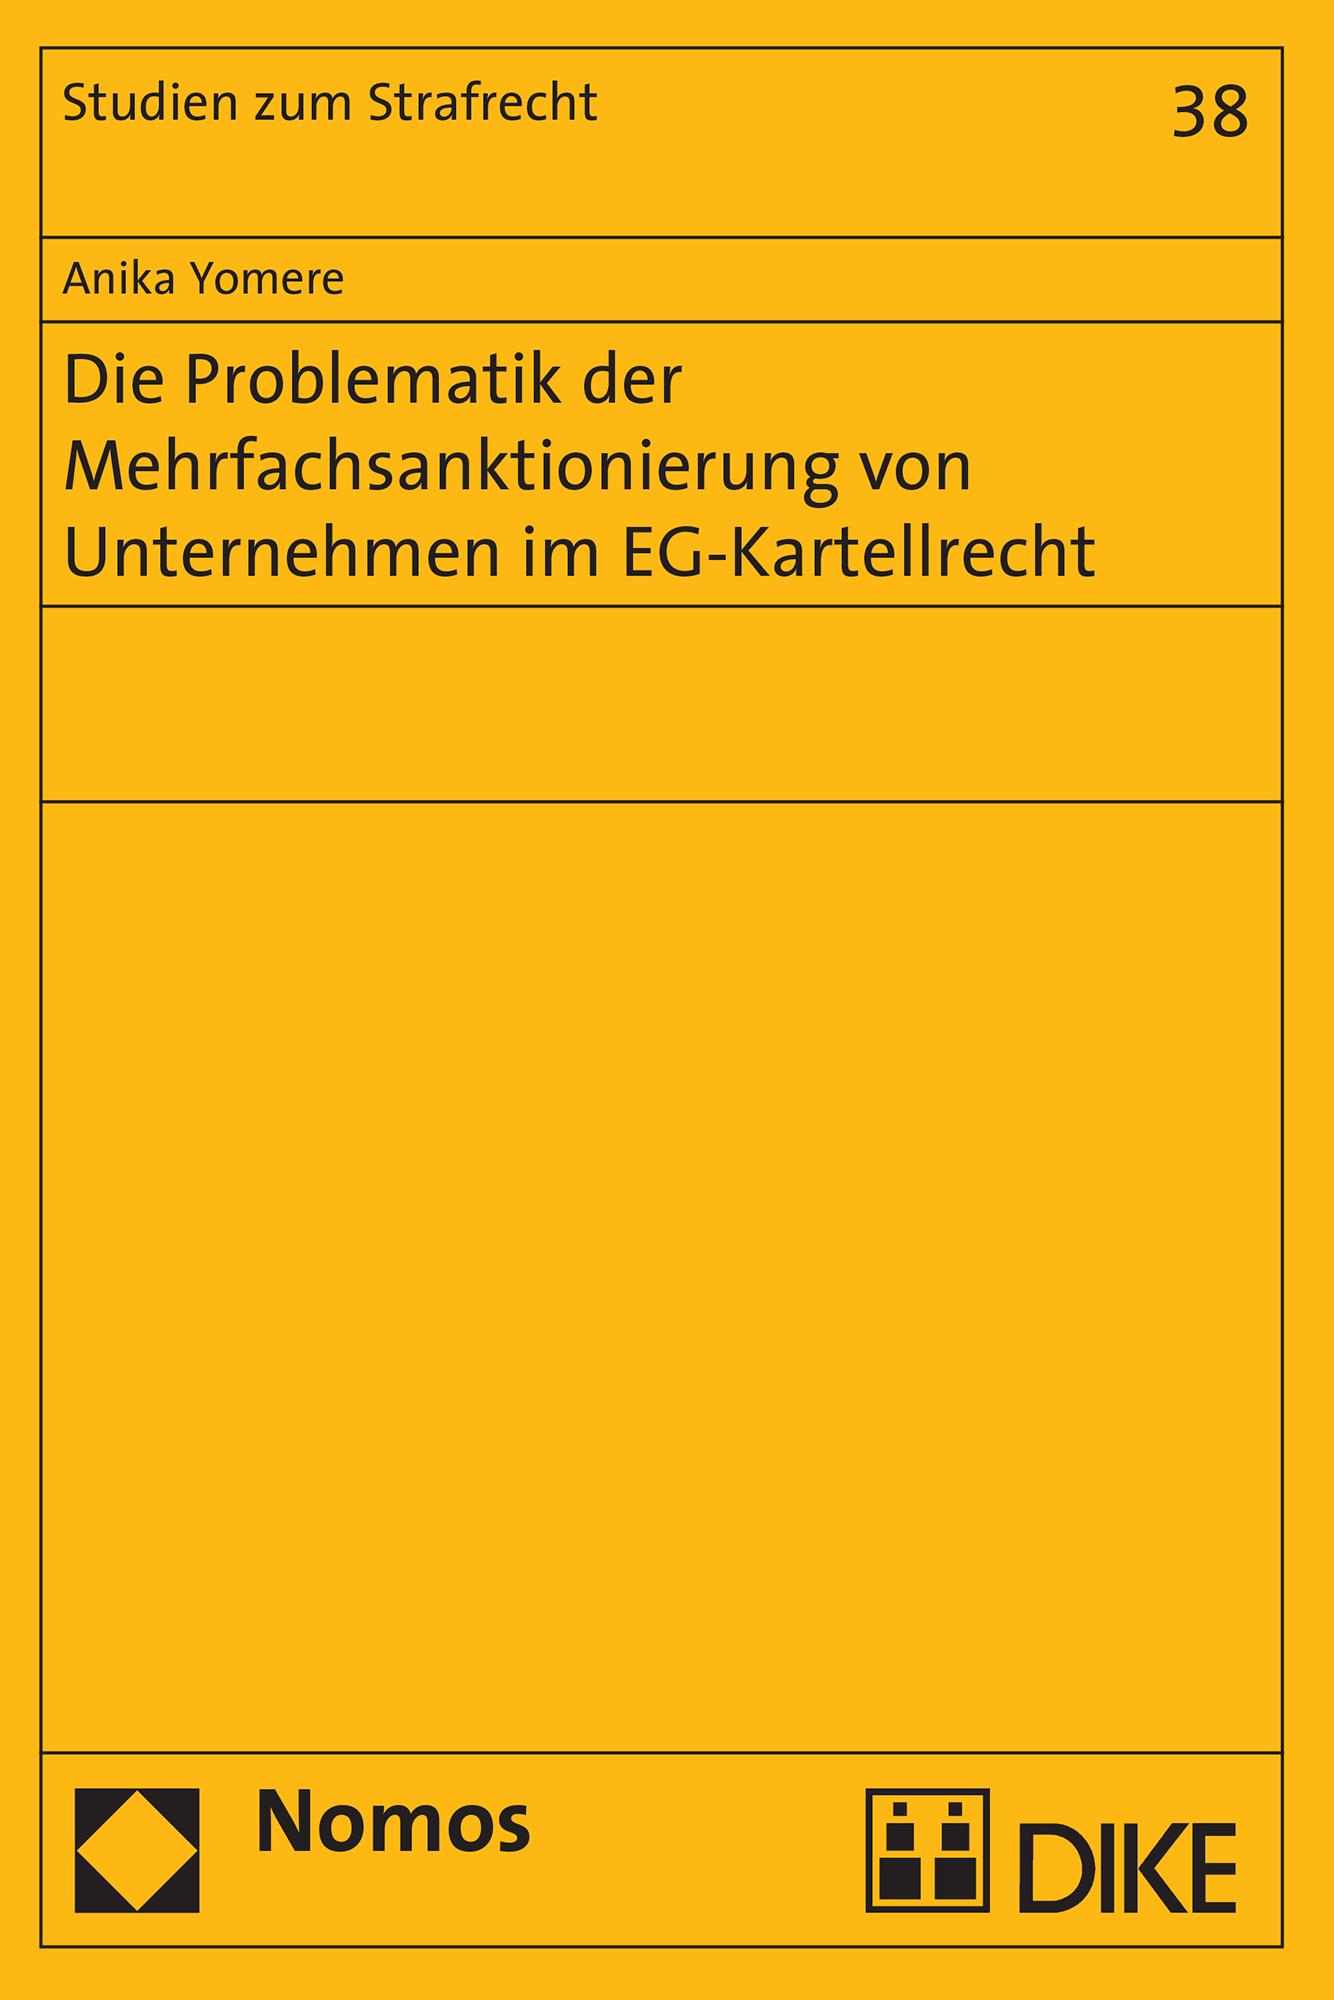 Die Problematik der Mehrfachsanktionierung von Unternehmen im EG-Kartellrecht